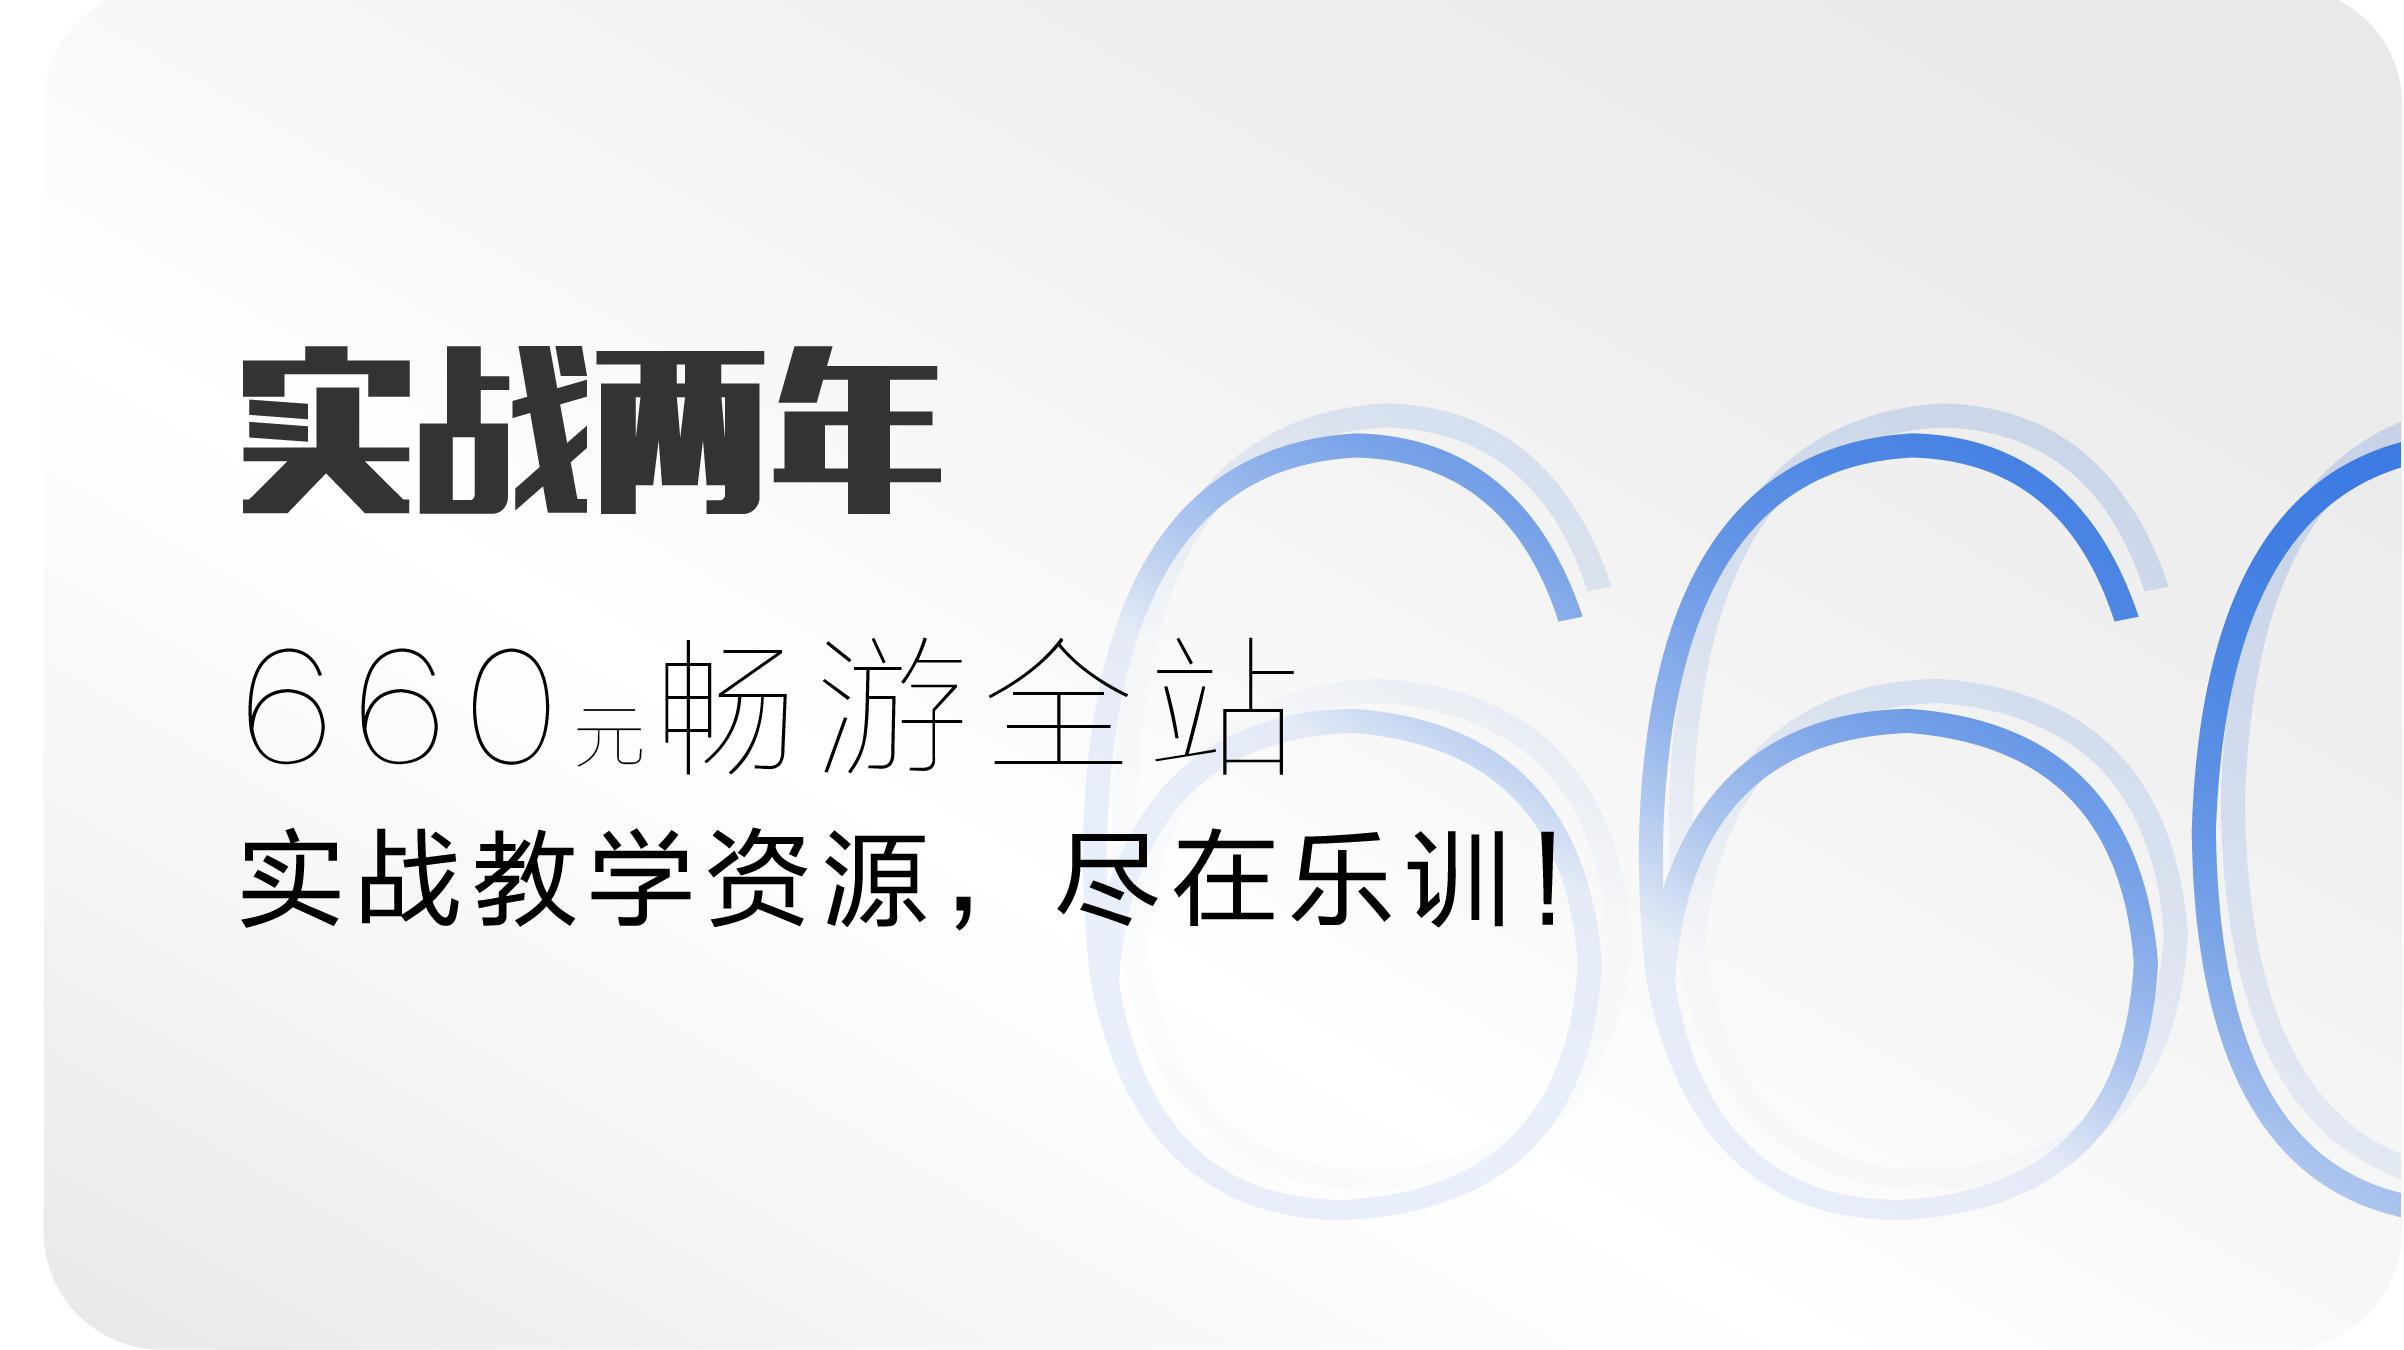 123KE.cn全站内容免费学VIP两年